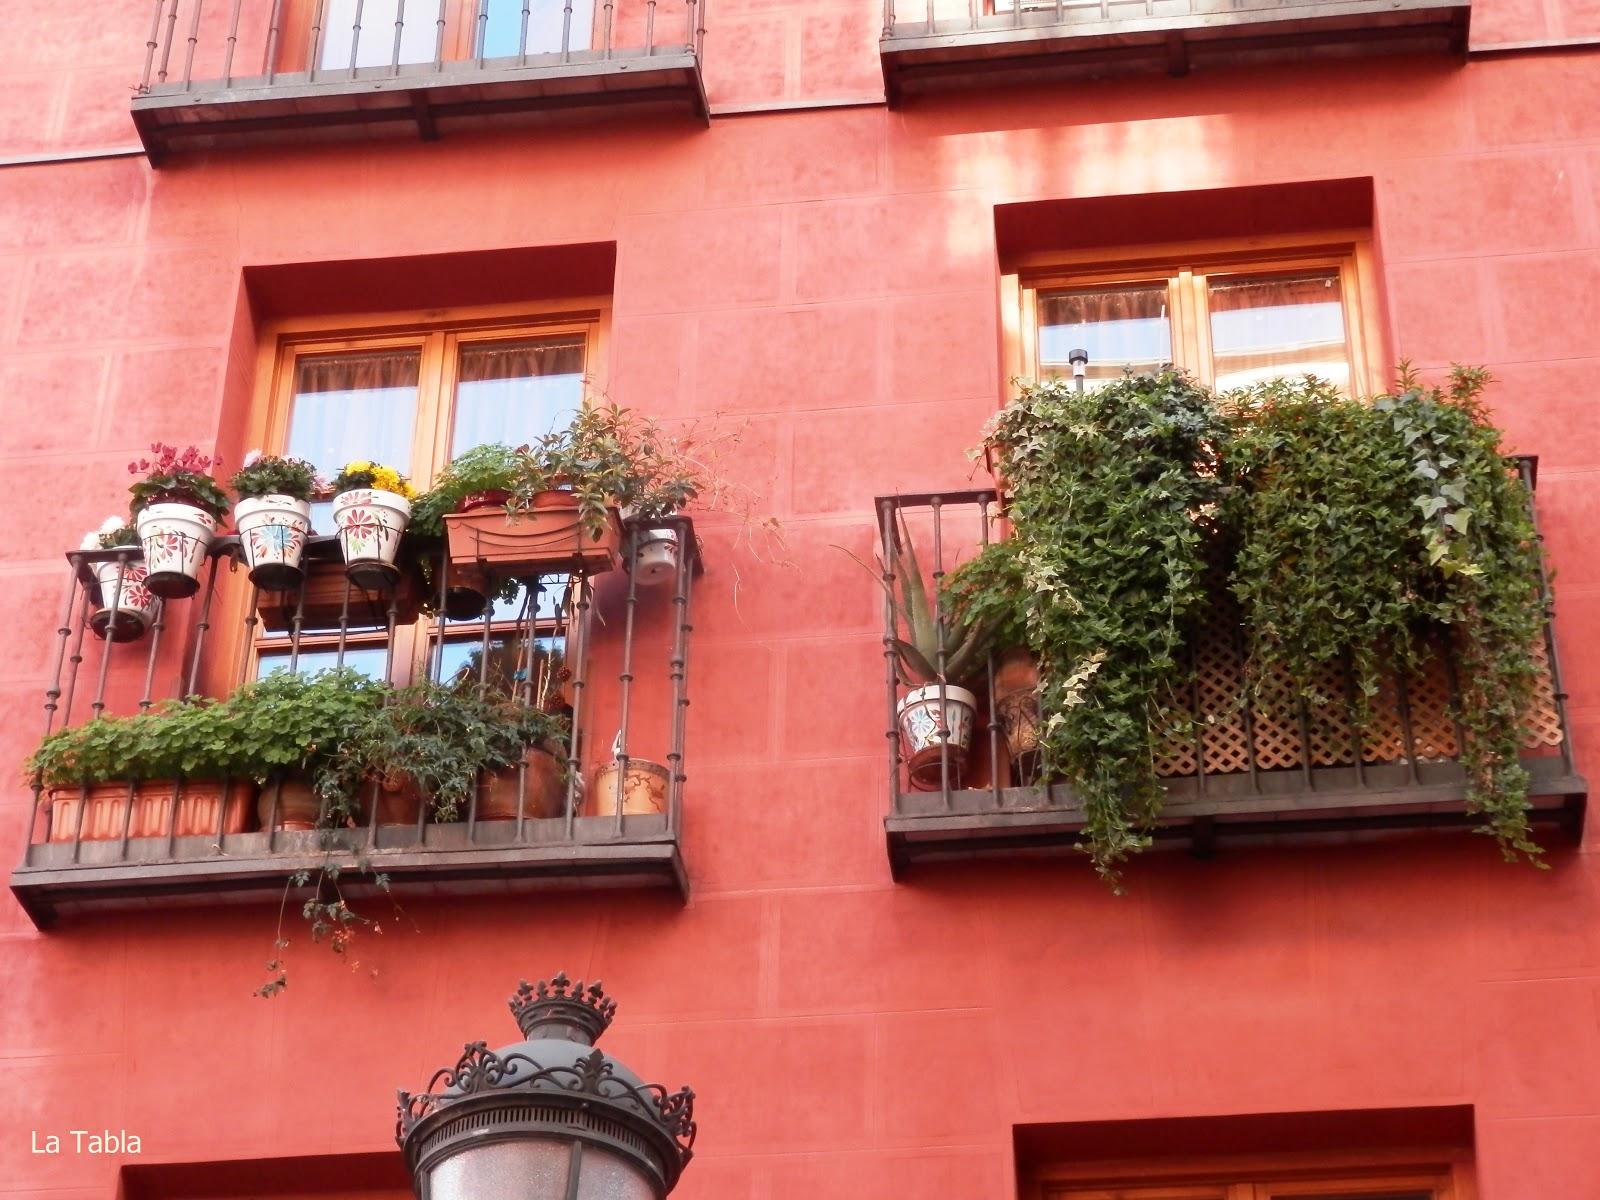 Madrid plantas en el balc n y al fondo hay sitio - Plantas de balcon ...